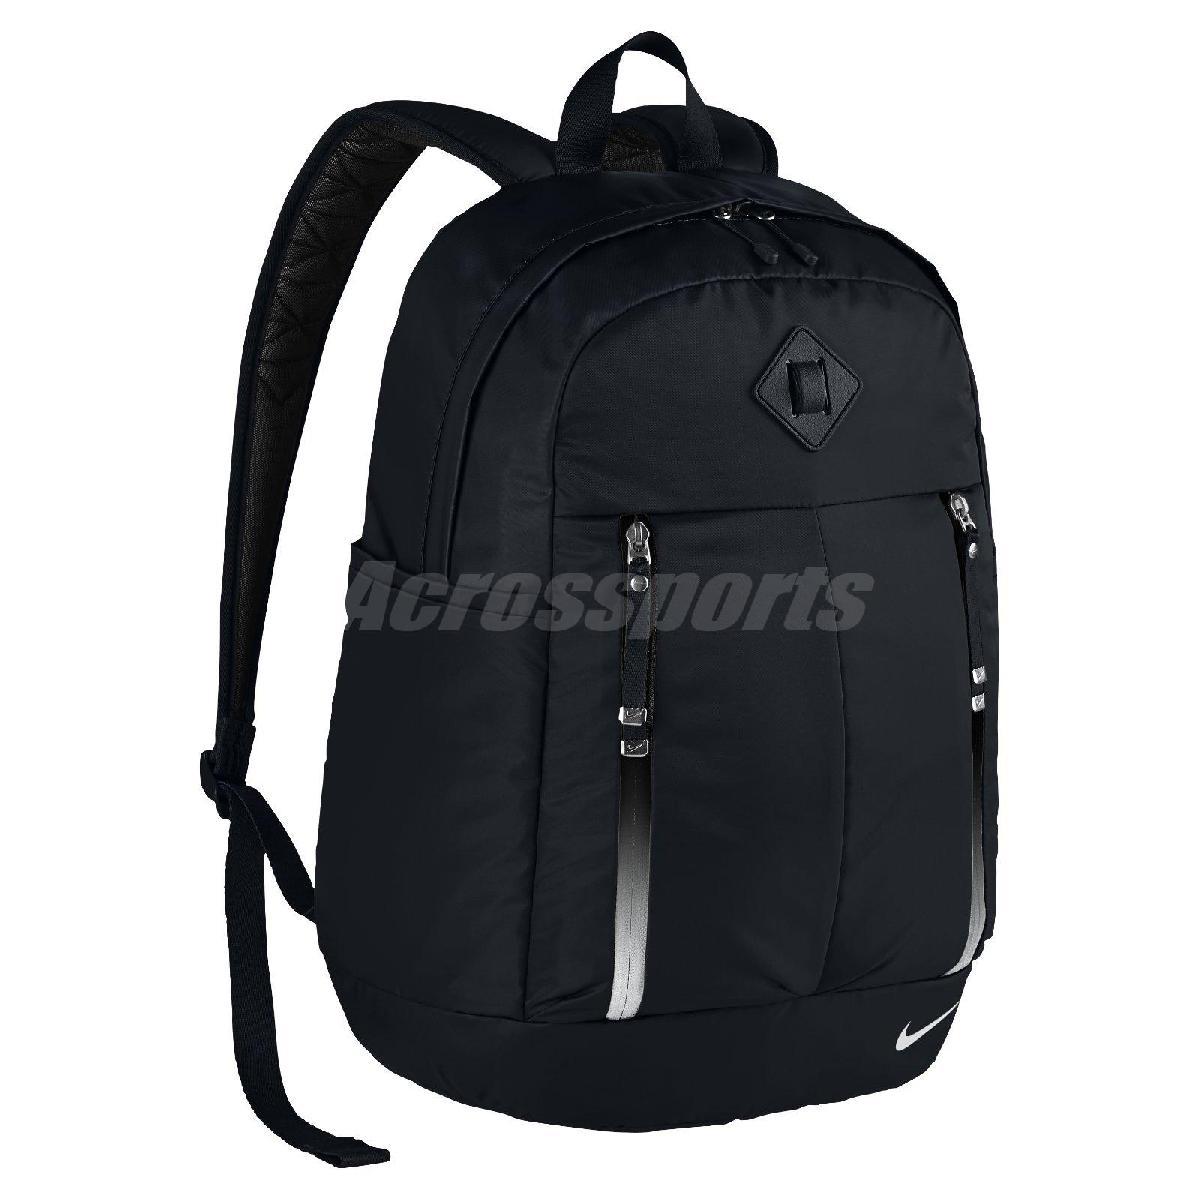 Nike後背包Auralux Backpack黑全黑拉鍊漸層尼龍布女運動休閒包包PUMP306 BA5241-010